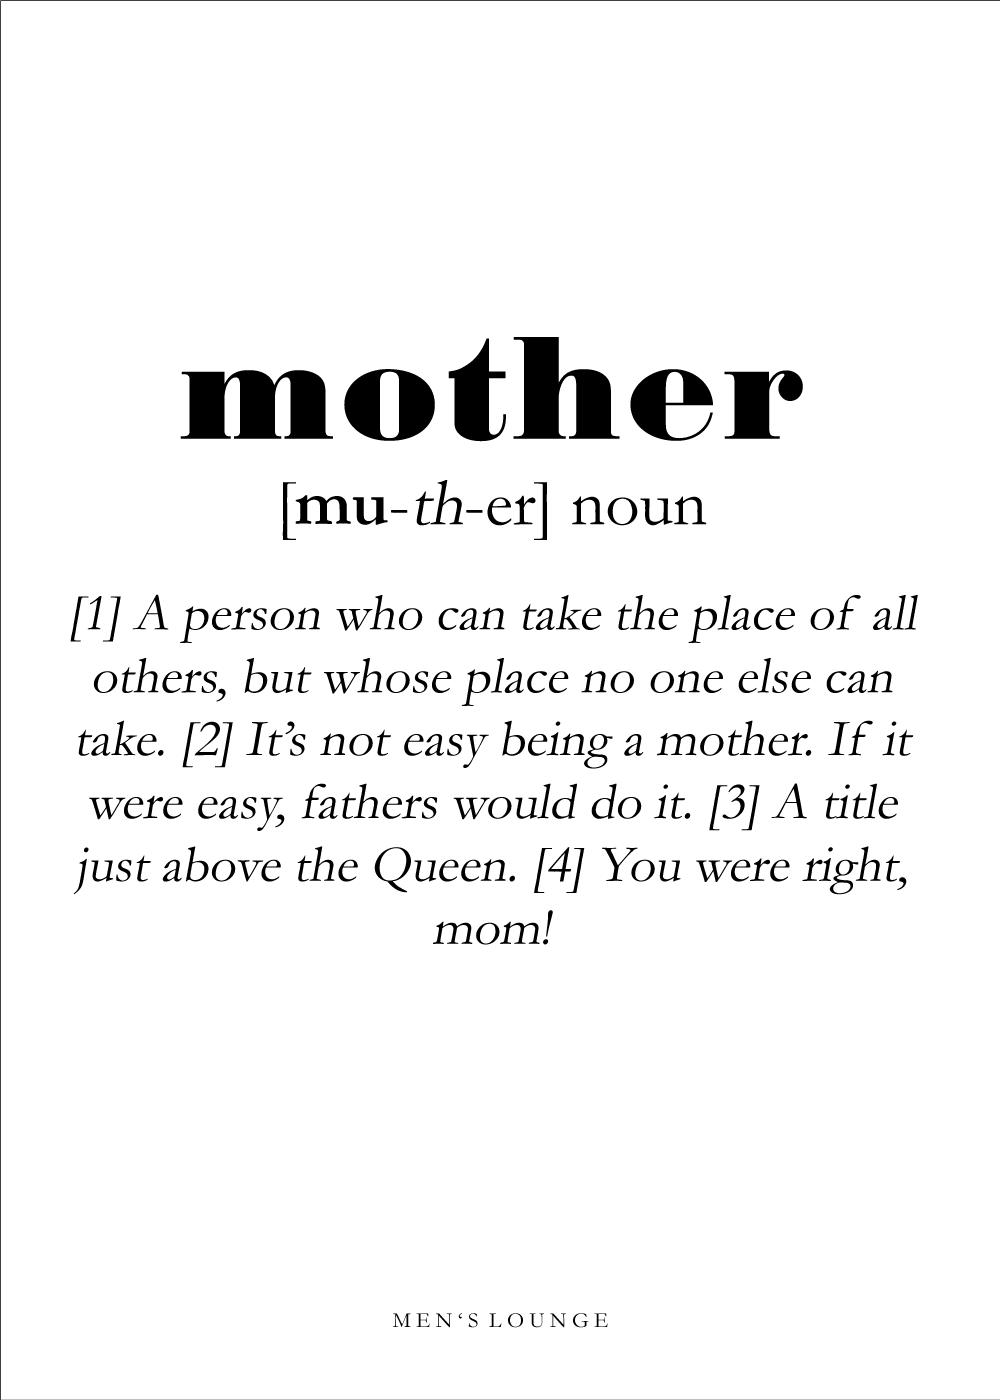 Billede af Mother definition - Men's Lounge plakat